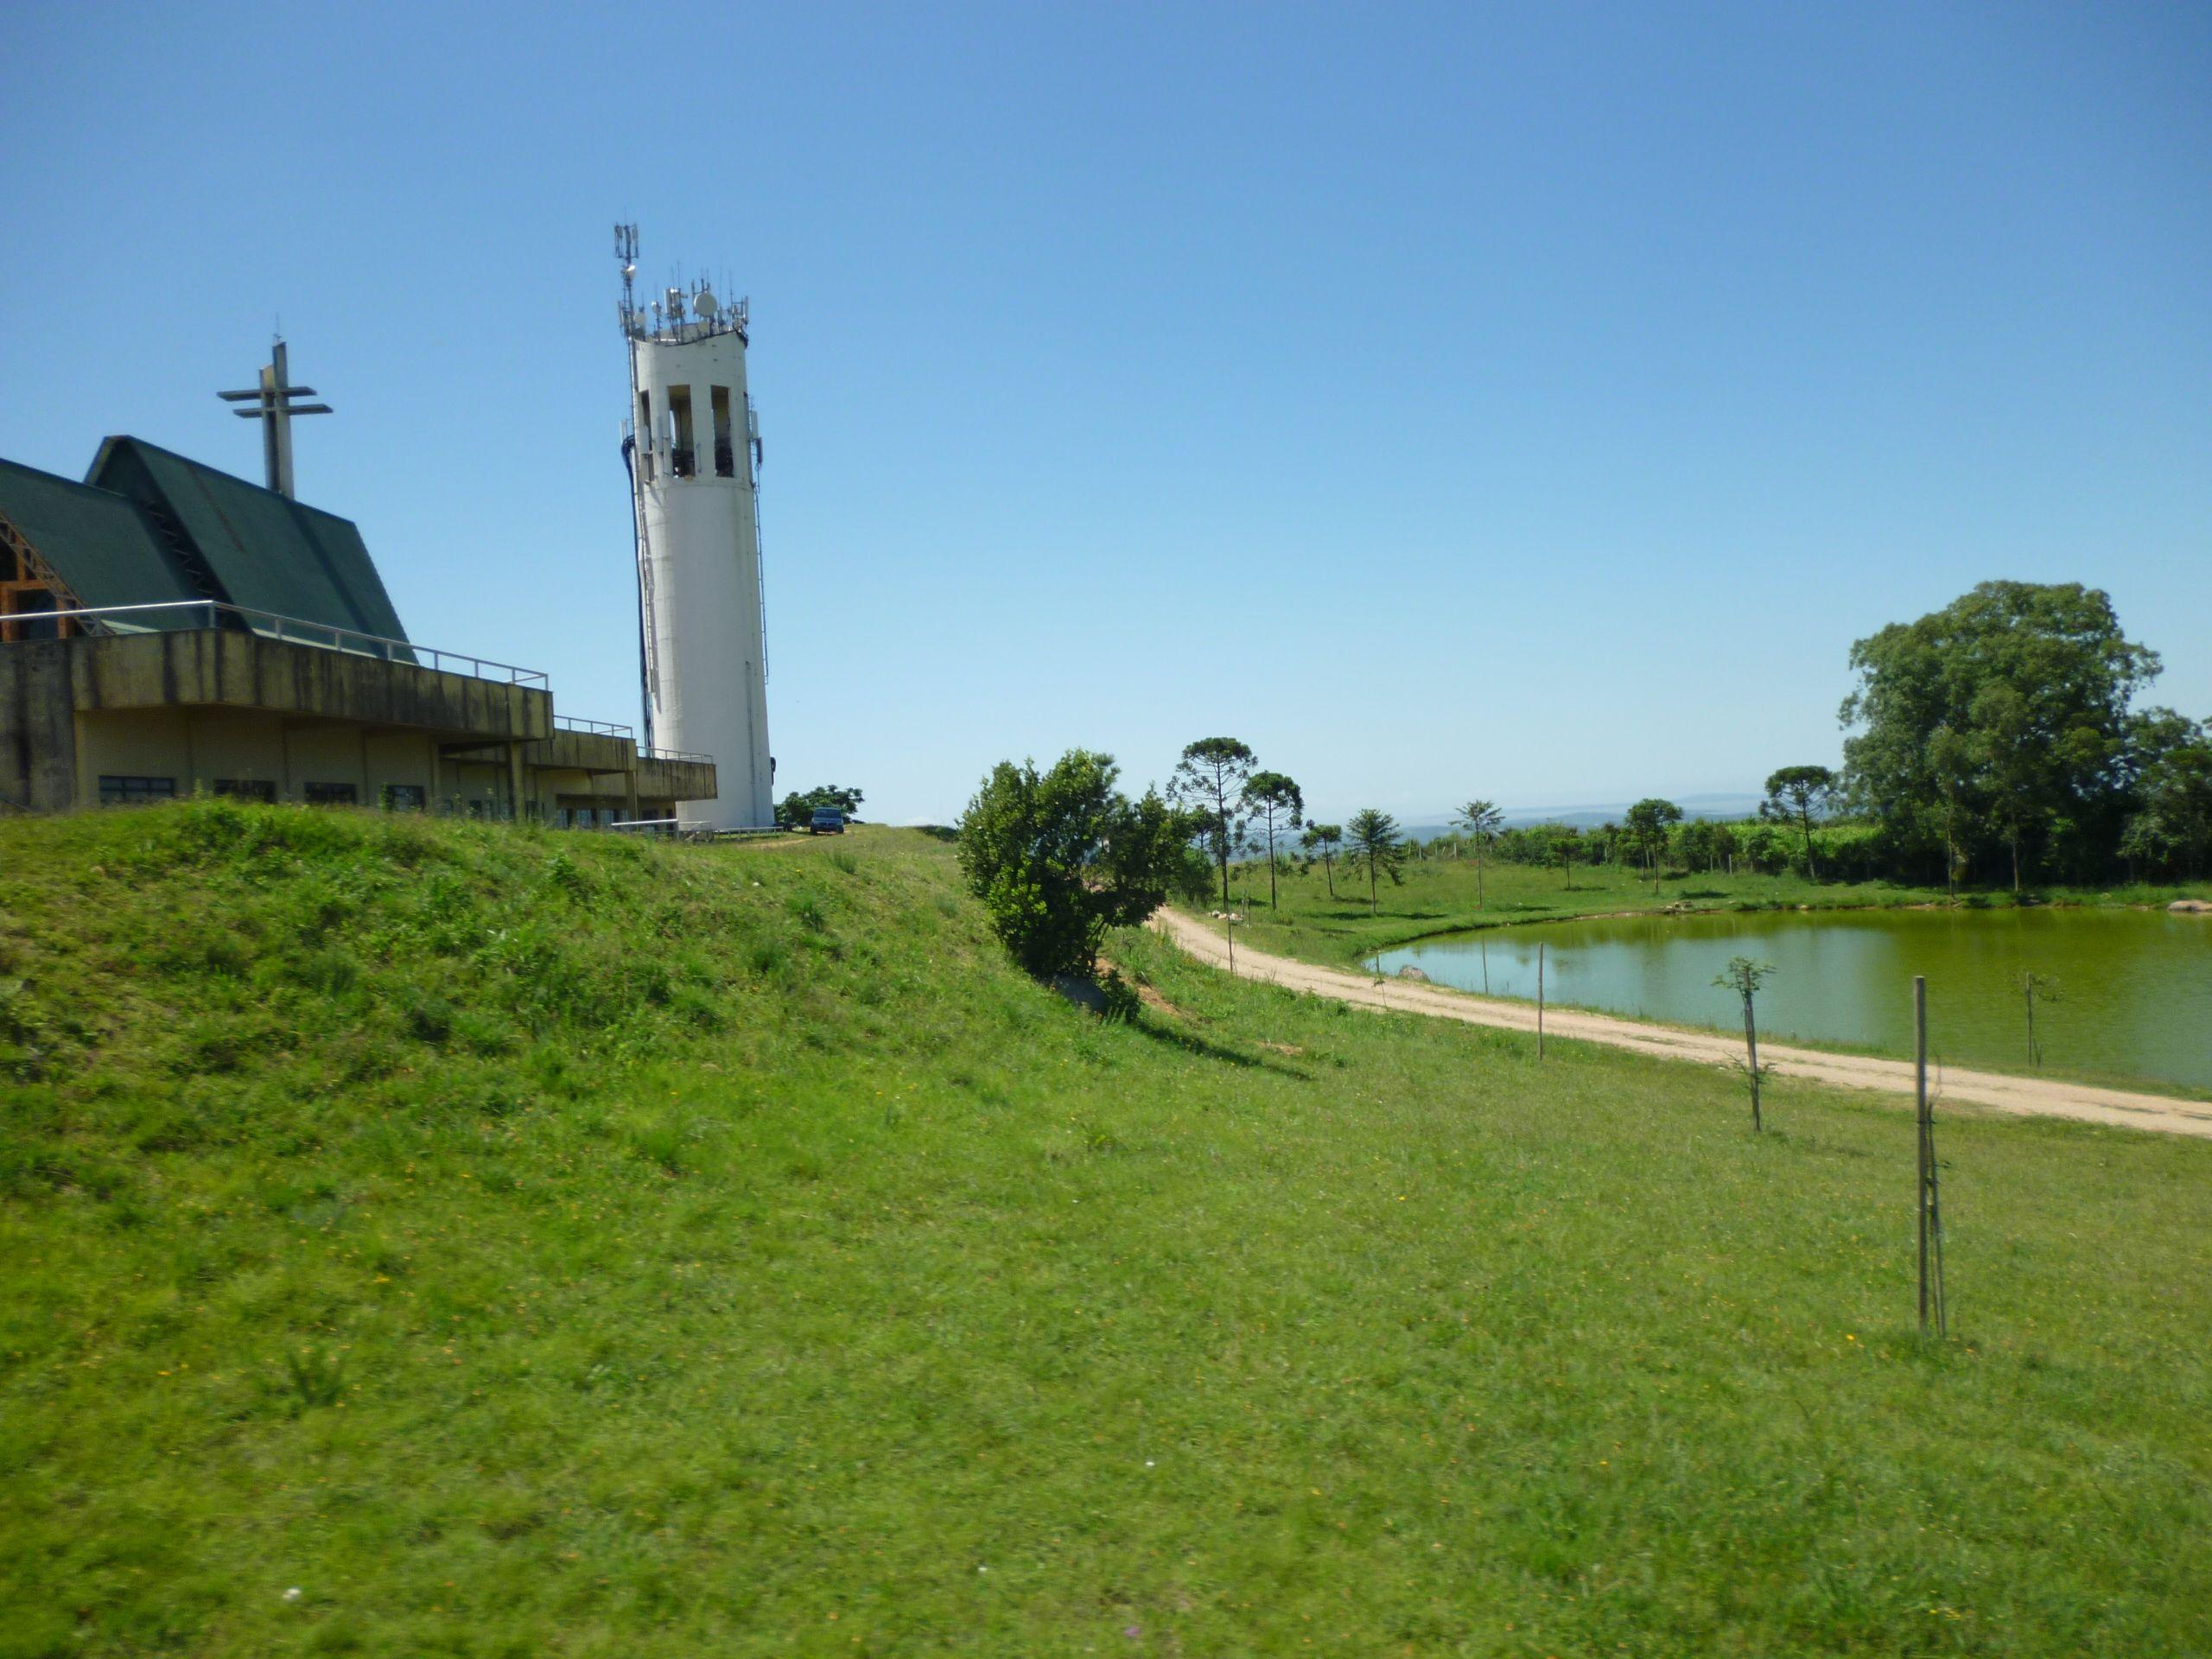 #portoalegre #linhaturismo #linhaturística #bustour #centro #brasil #rs #sul #southofbrazil #south #turismo #tour #brazil #arvores #trees #green #verde #plantas #zonasul #view #landscape #hills